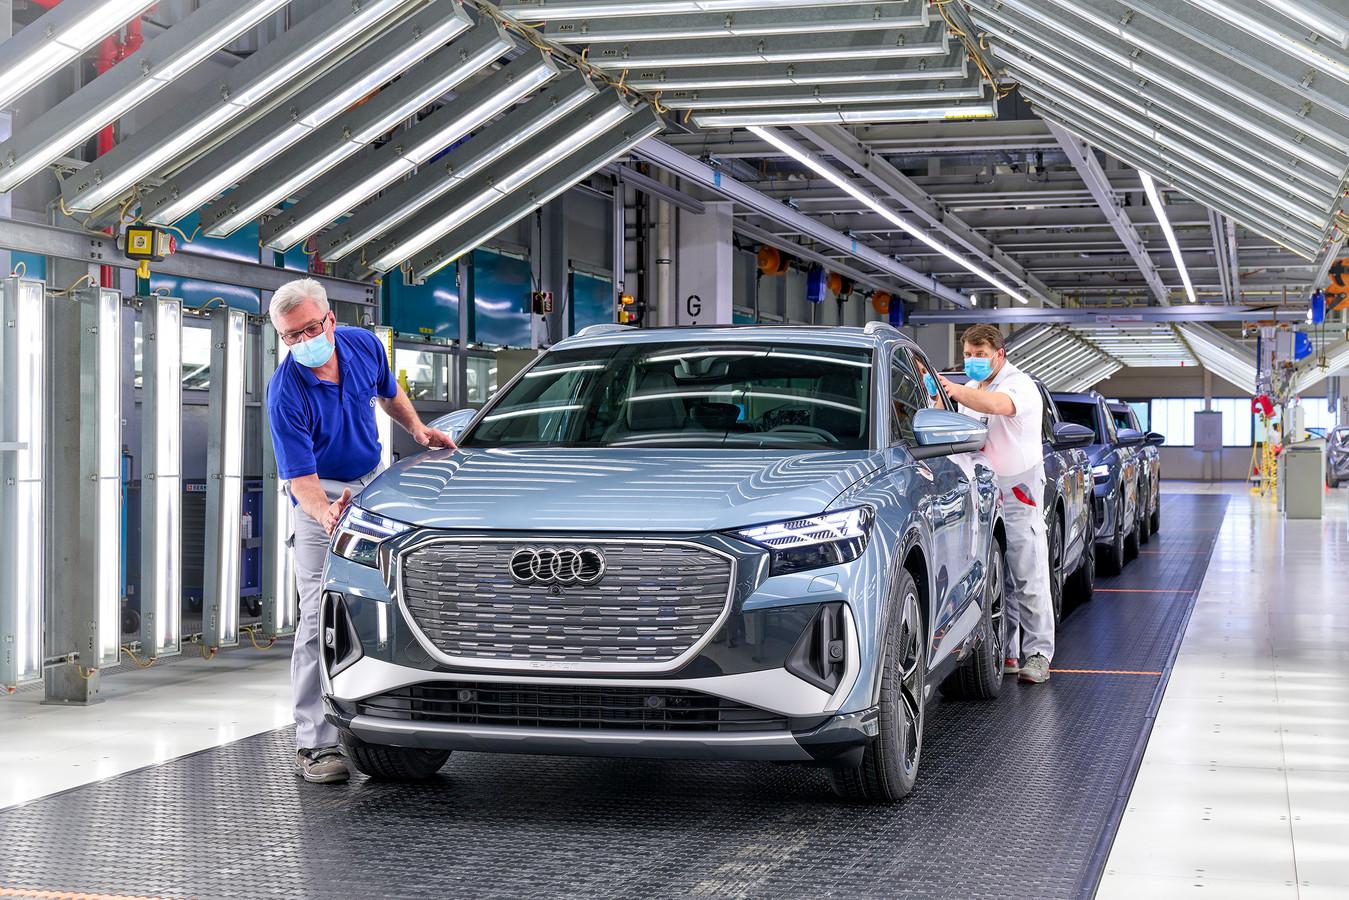 De productielijn van de nieuwe elektrische Audi Q4 e-Tron in Duitsland.